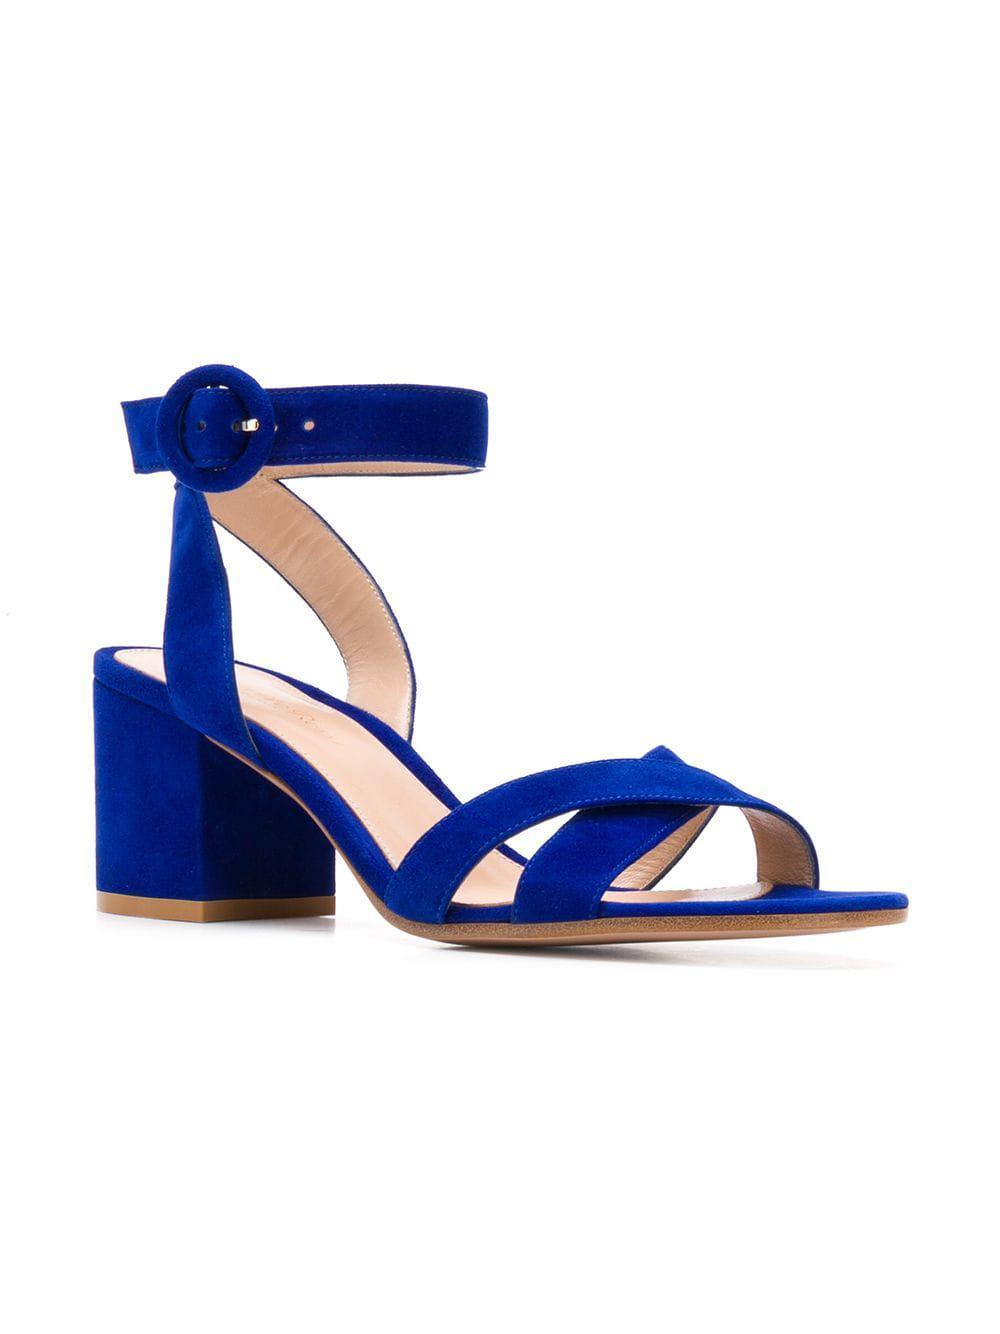 cb7f567343c Lyst - Gianvito Rossi Frida Block-heel Sandals in Blue